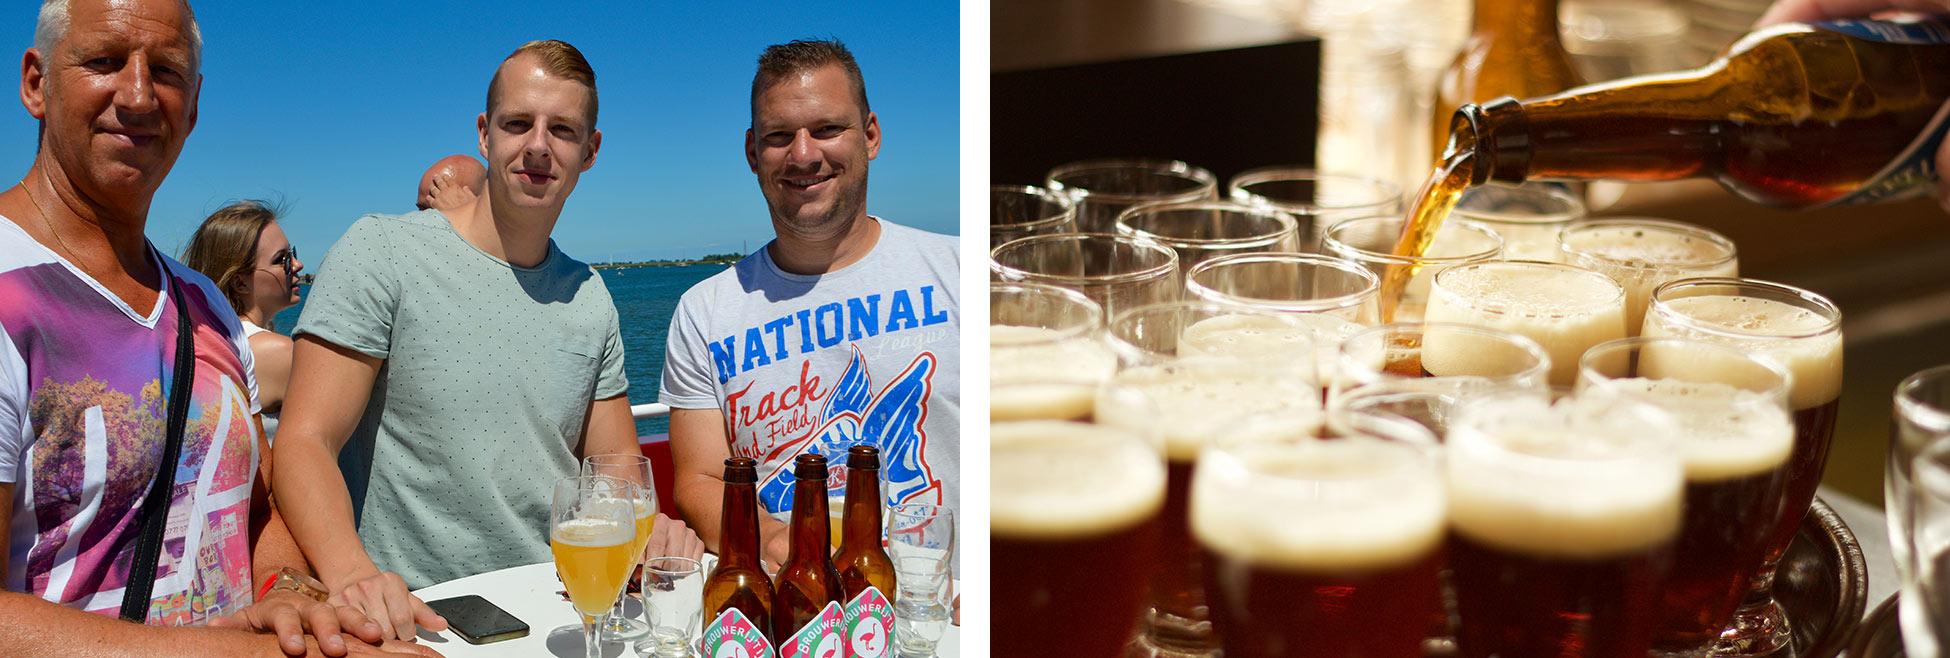 vaderdag uitje 2018 amsterdam bierproeverij en varen